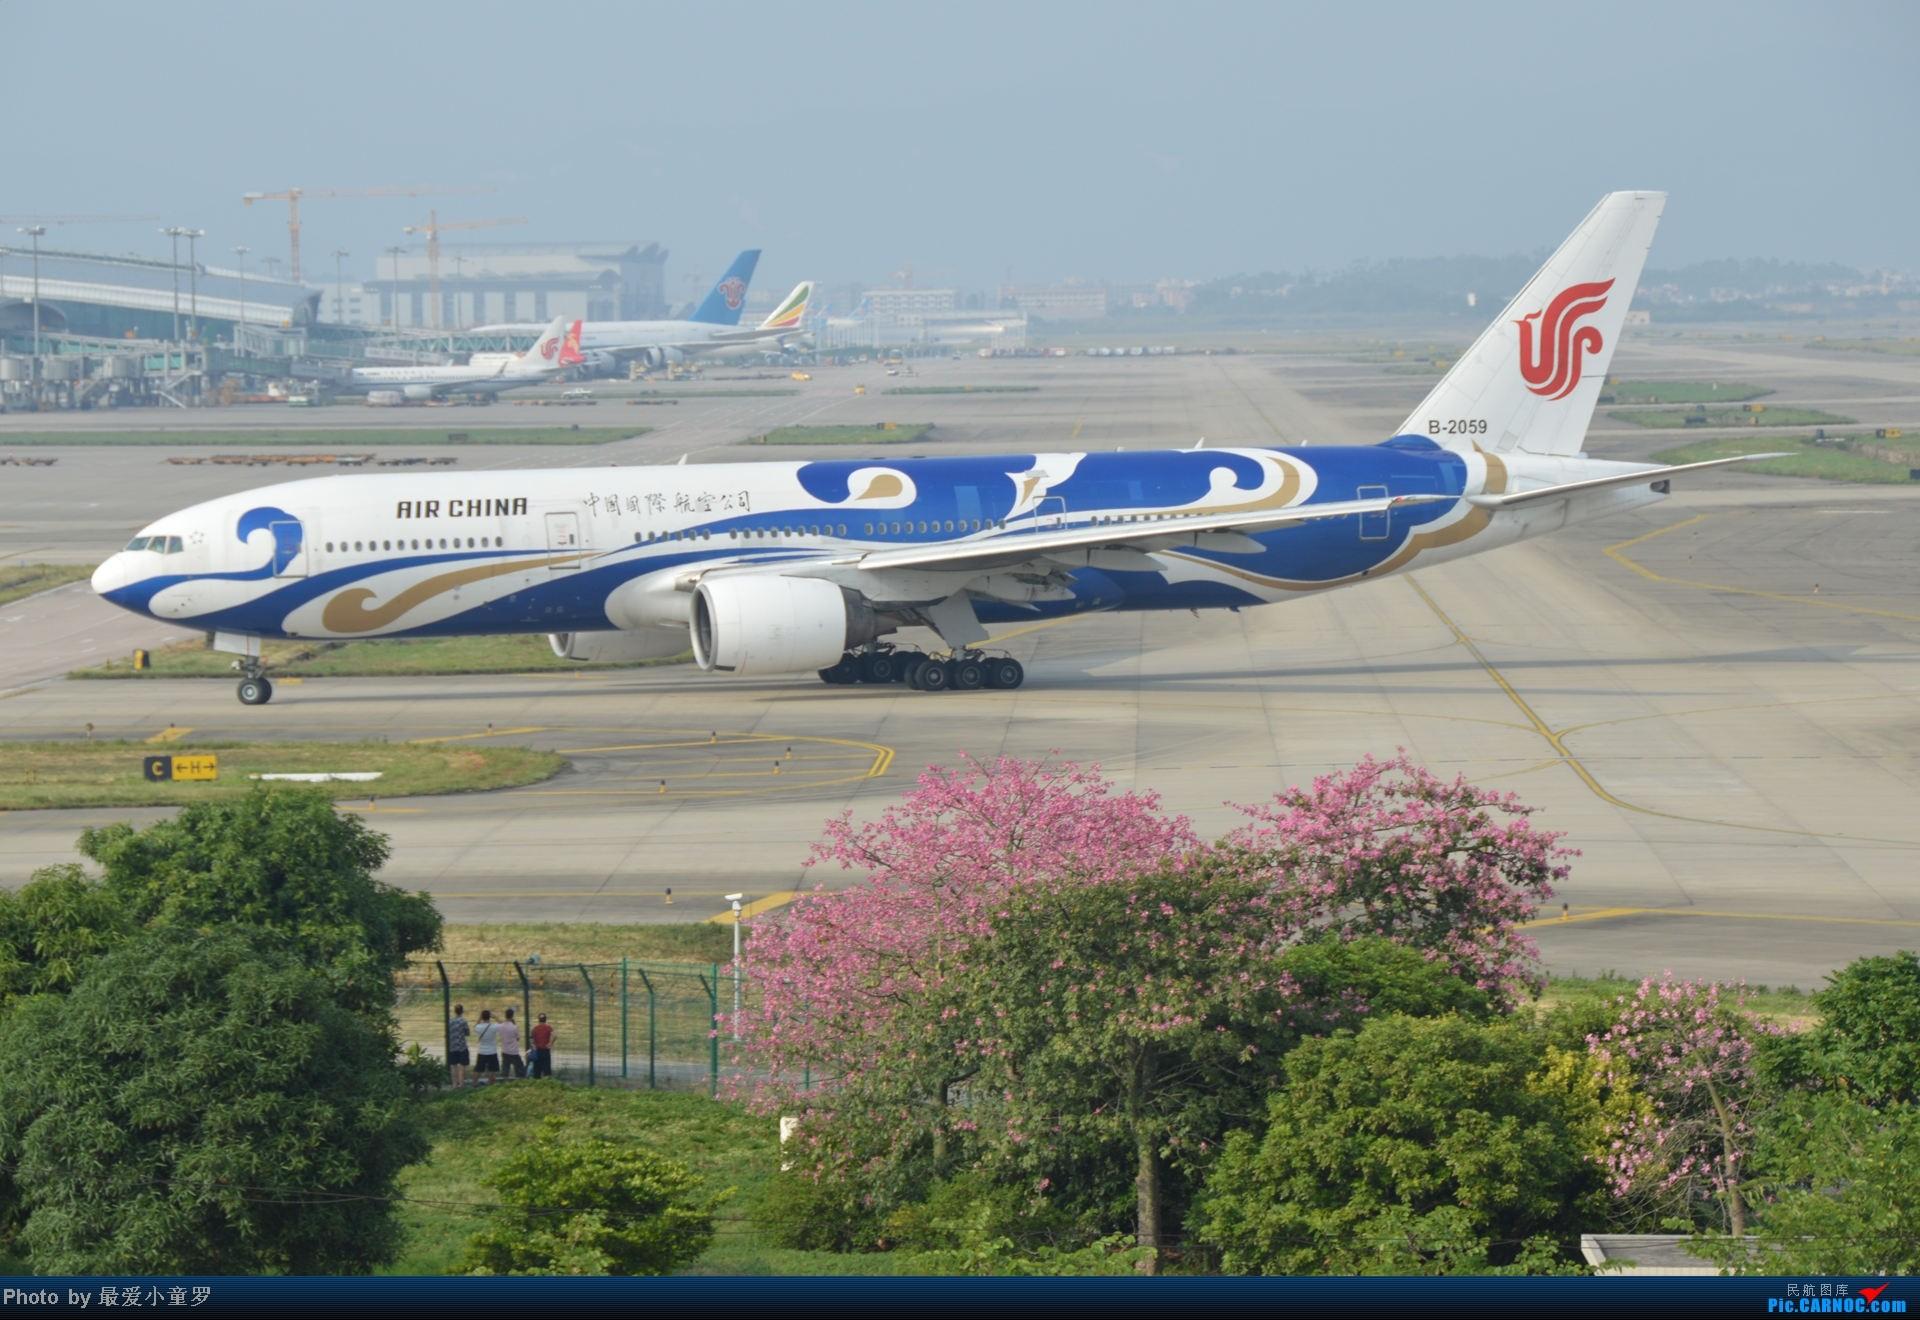 Re:[原创]2014年国庆假期深圳广州四天拍机,多图没怎么修 BOEING 777-200 B-2059 中国广州白云机场